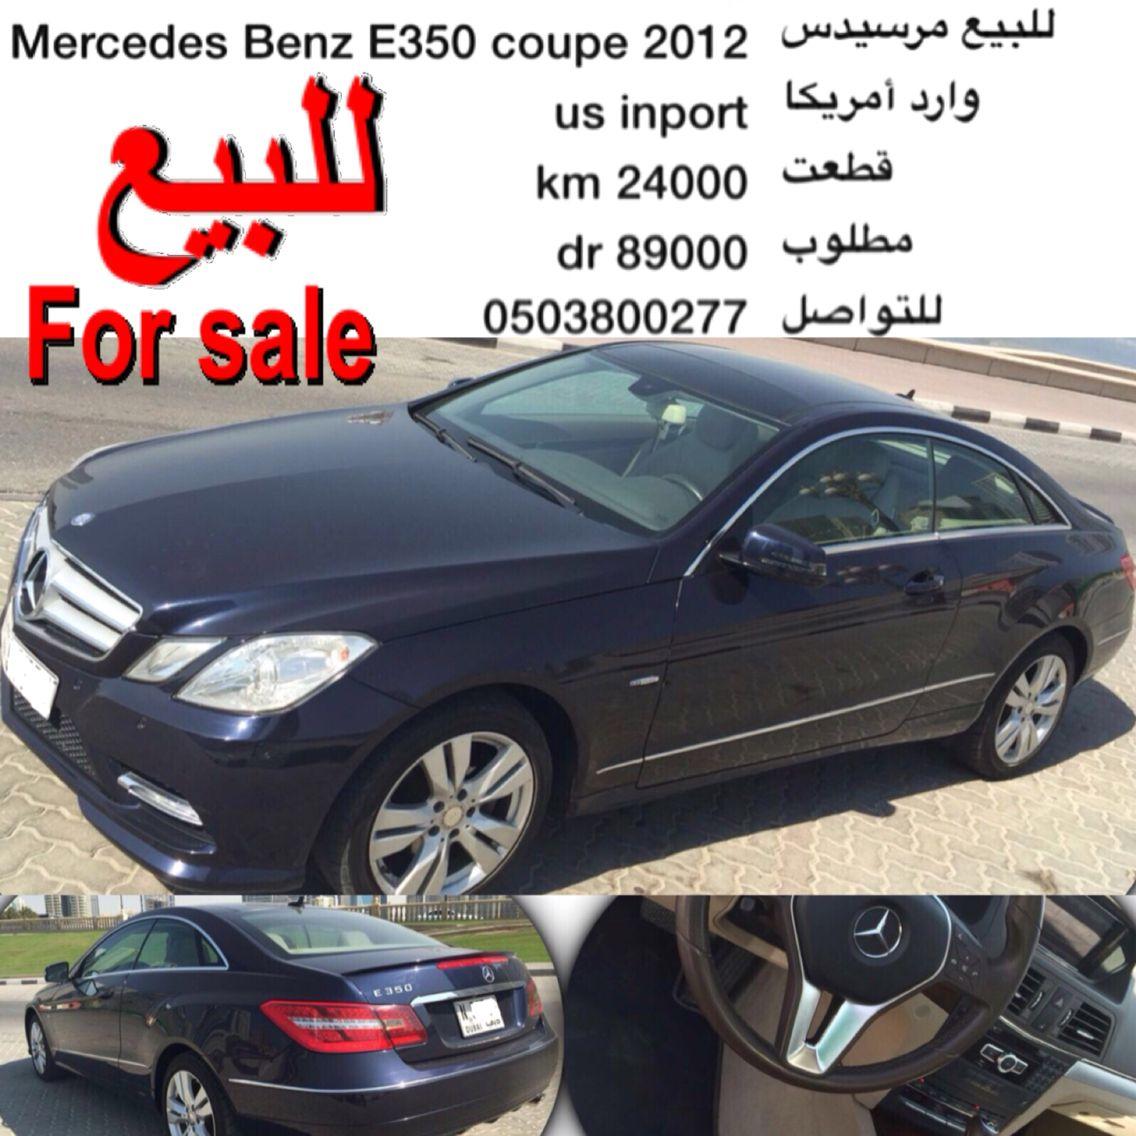 مرسيدس كوبيه للبيع Mercedes Benz E350 Coupe 2012 Us Inport 24000 Km 89000 Dr 0503800277 اعلان مدفوع مرسدس واتساب Uae4cars2u لمشاهدة اعلانات Bmw Car Bmw Car